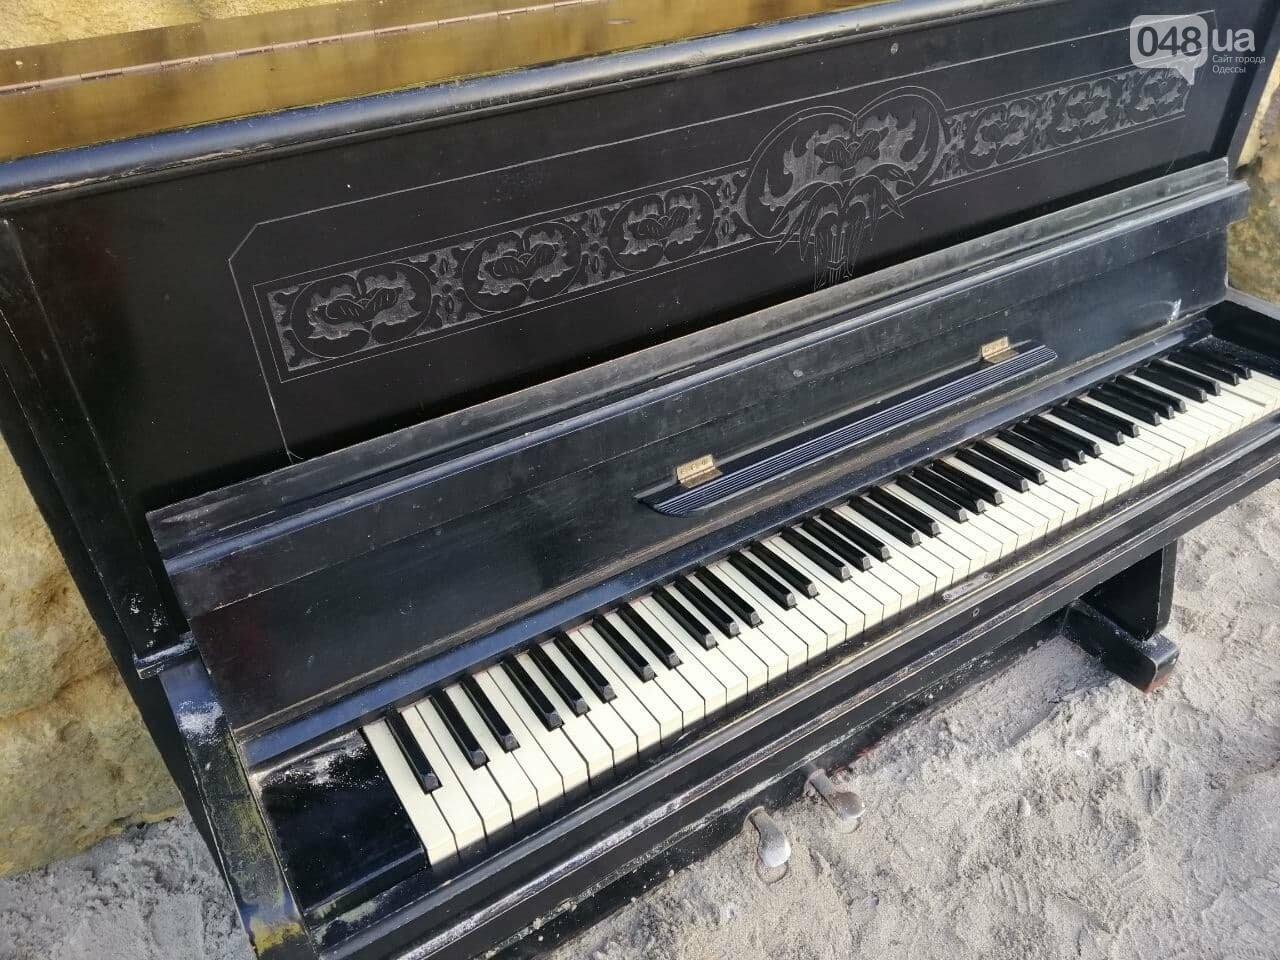 Пианино на Отраде: В Одессе на пляже звучит музыка,- ФОТО, ВИДЕО , фото-10